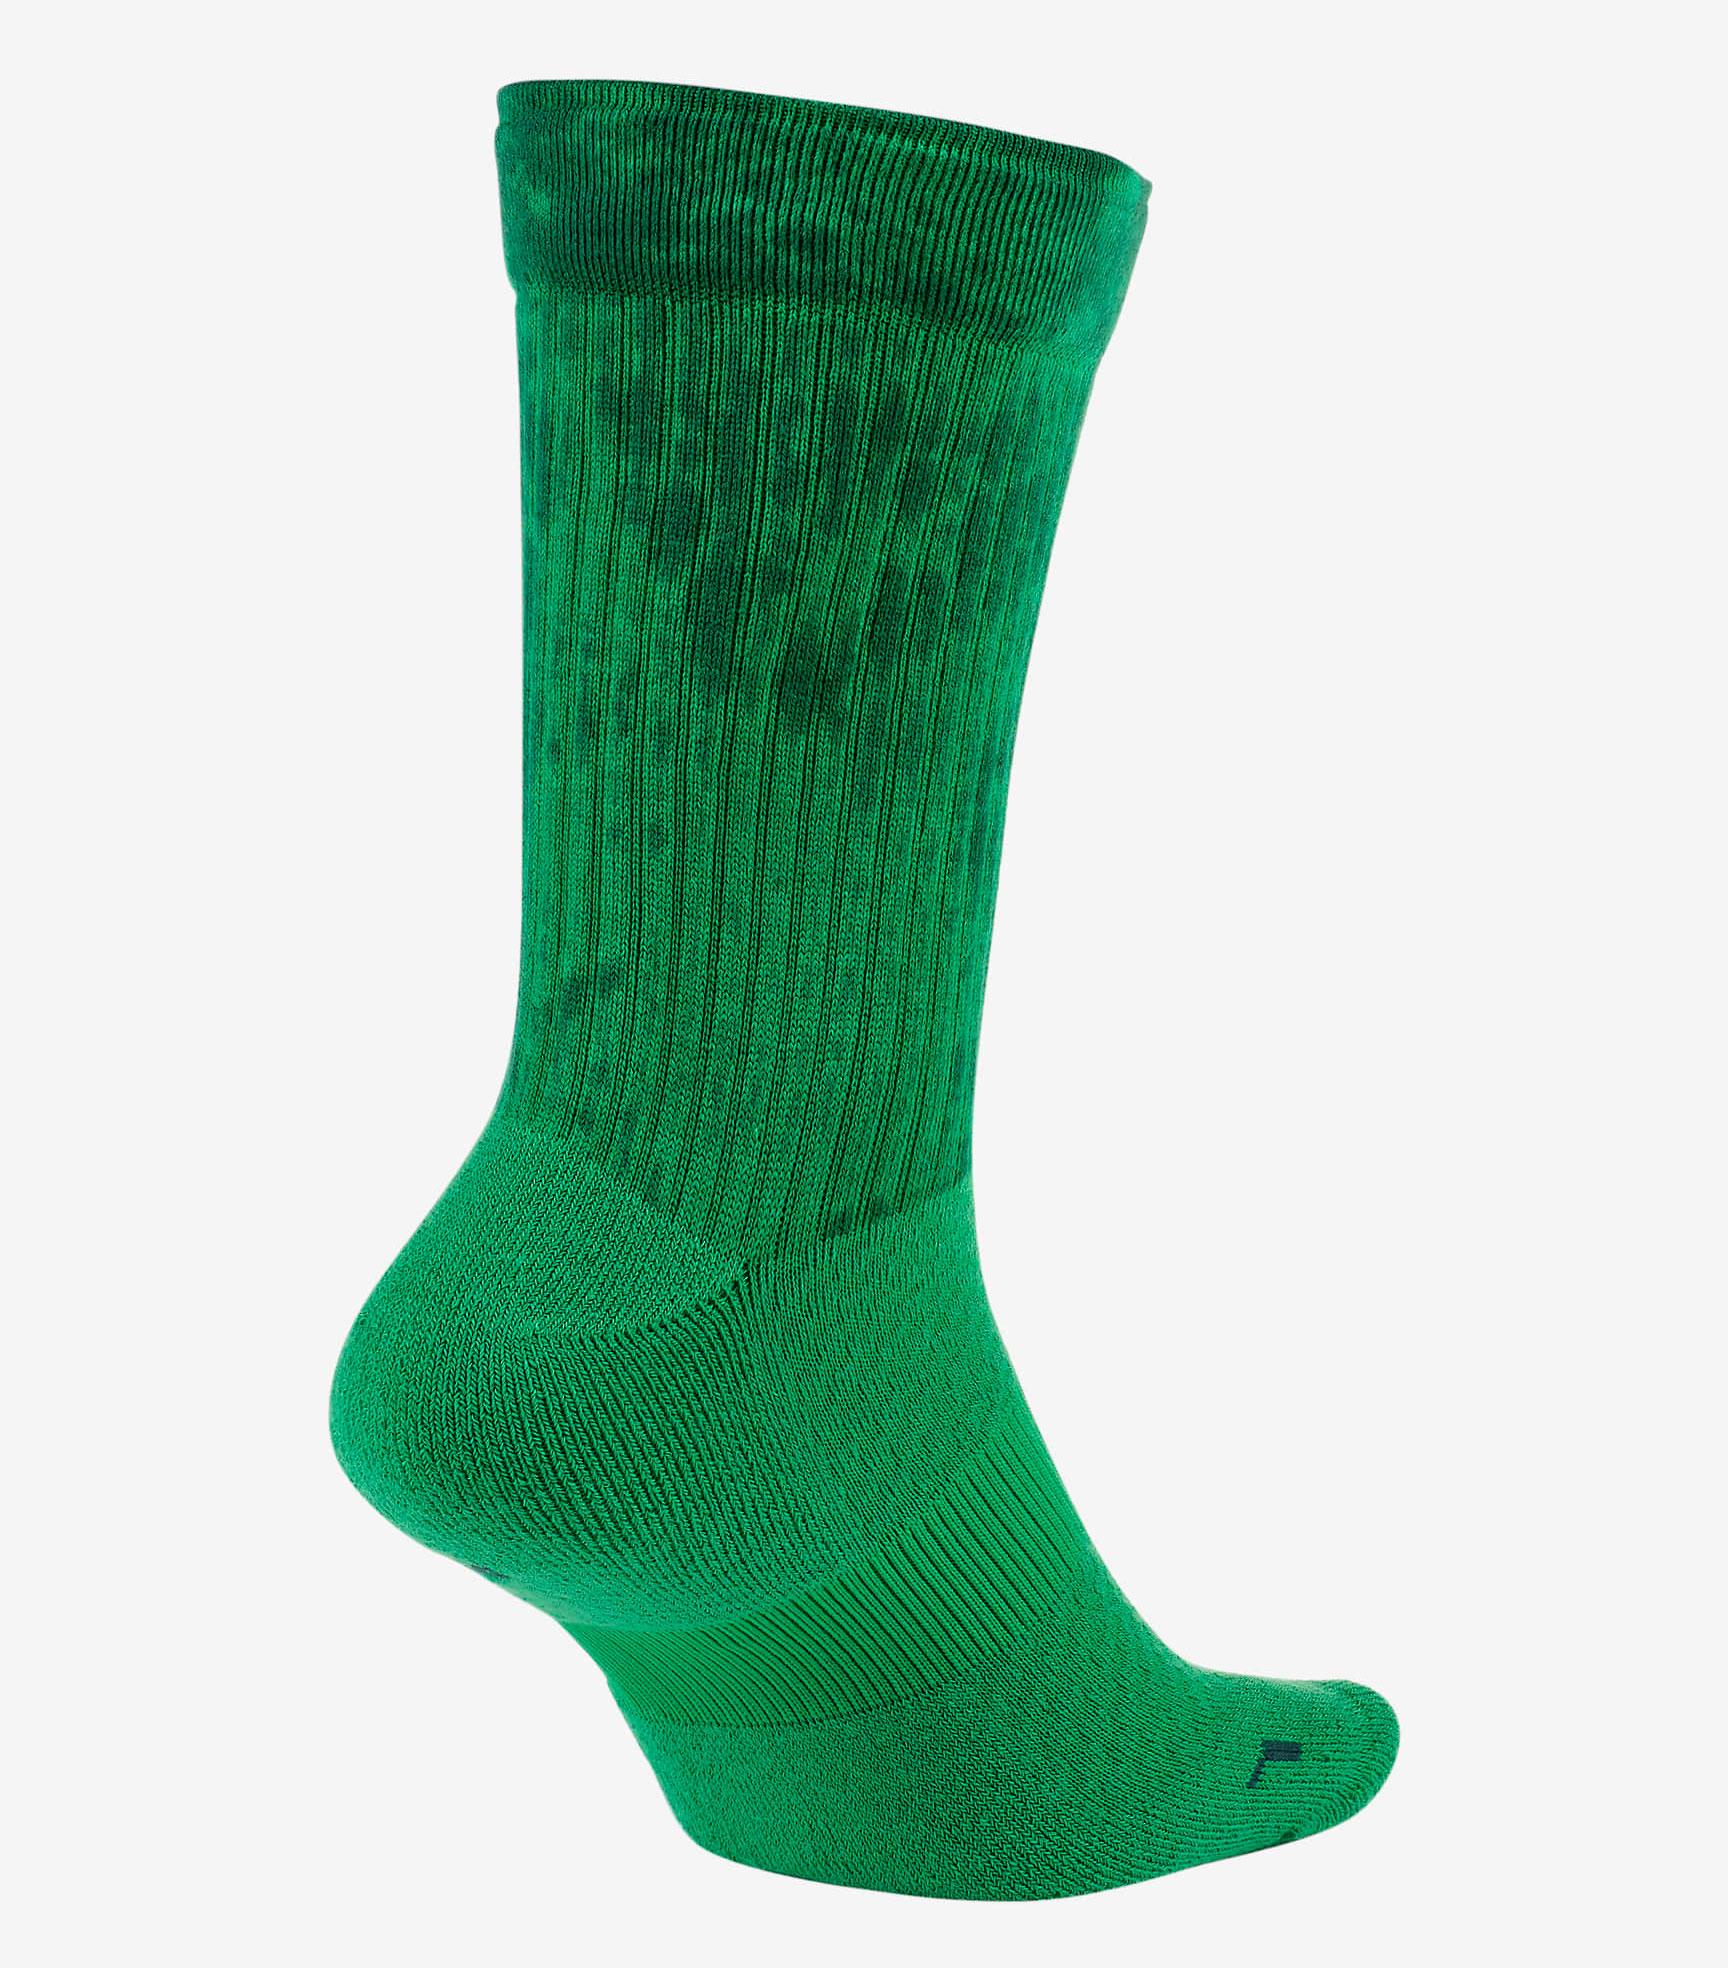 jordan-13-lucky-green-socks-2